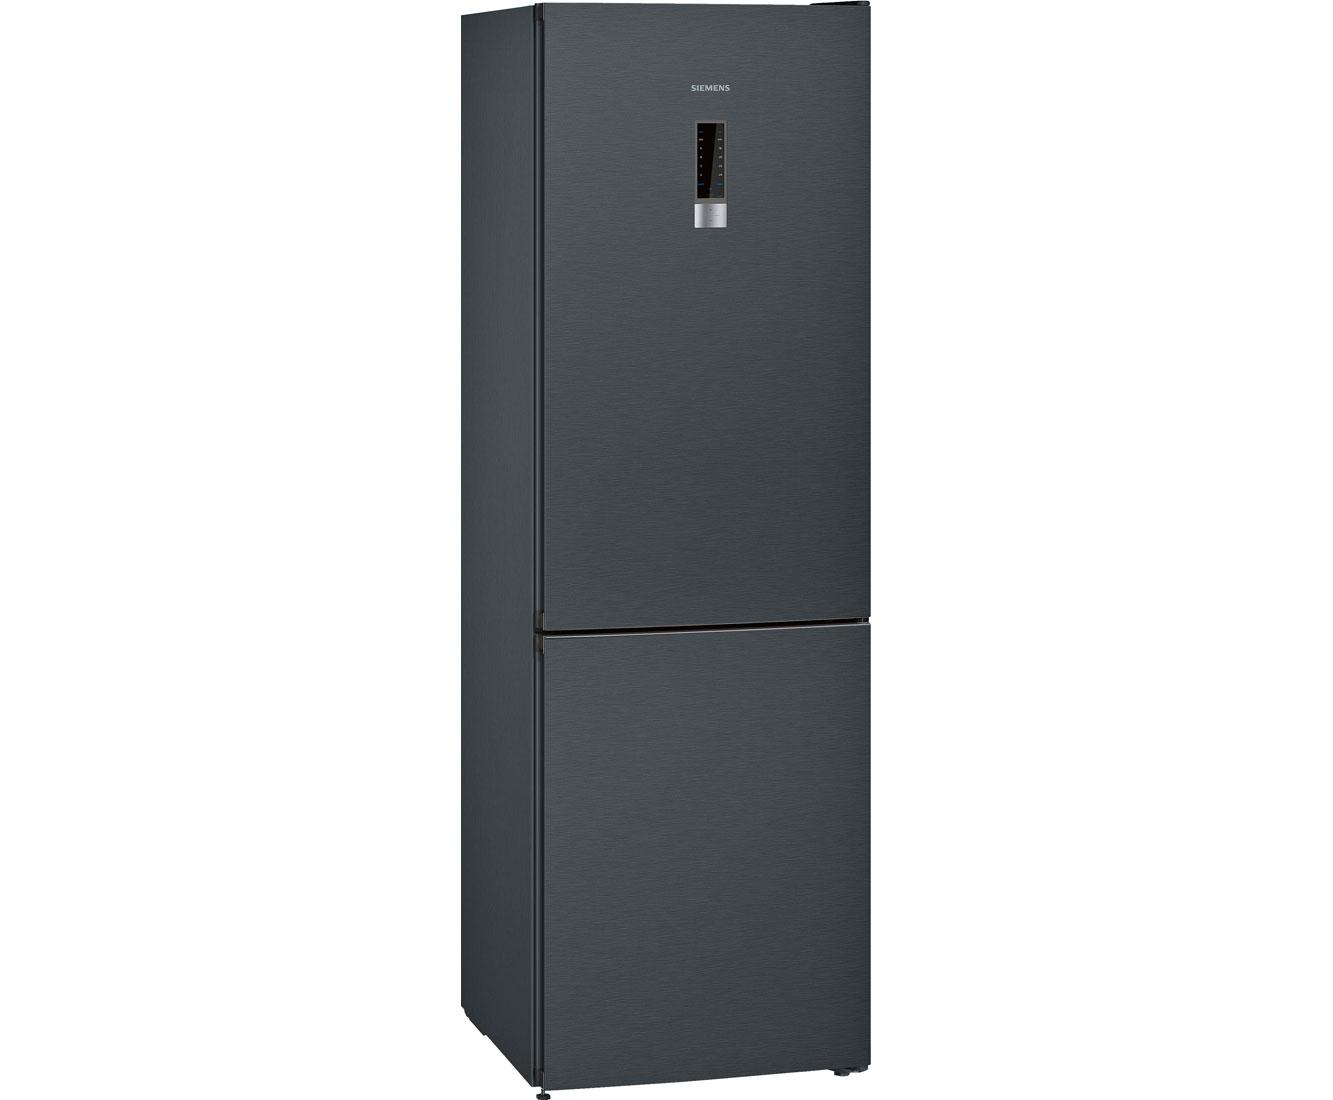 Siemens Kühlschrank In Betrieb Nehmen : Siemens kg nxx a kühlschrank iq freistehend cm schwarz